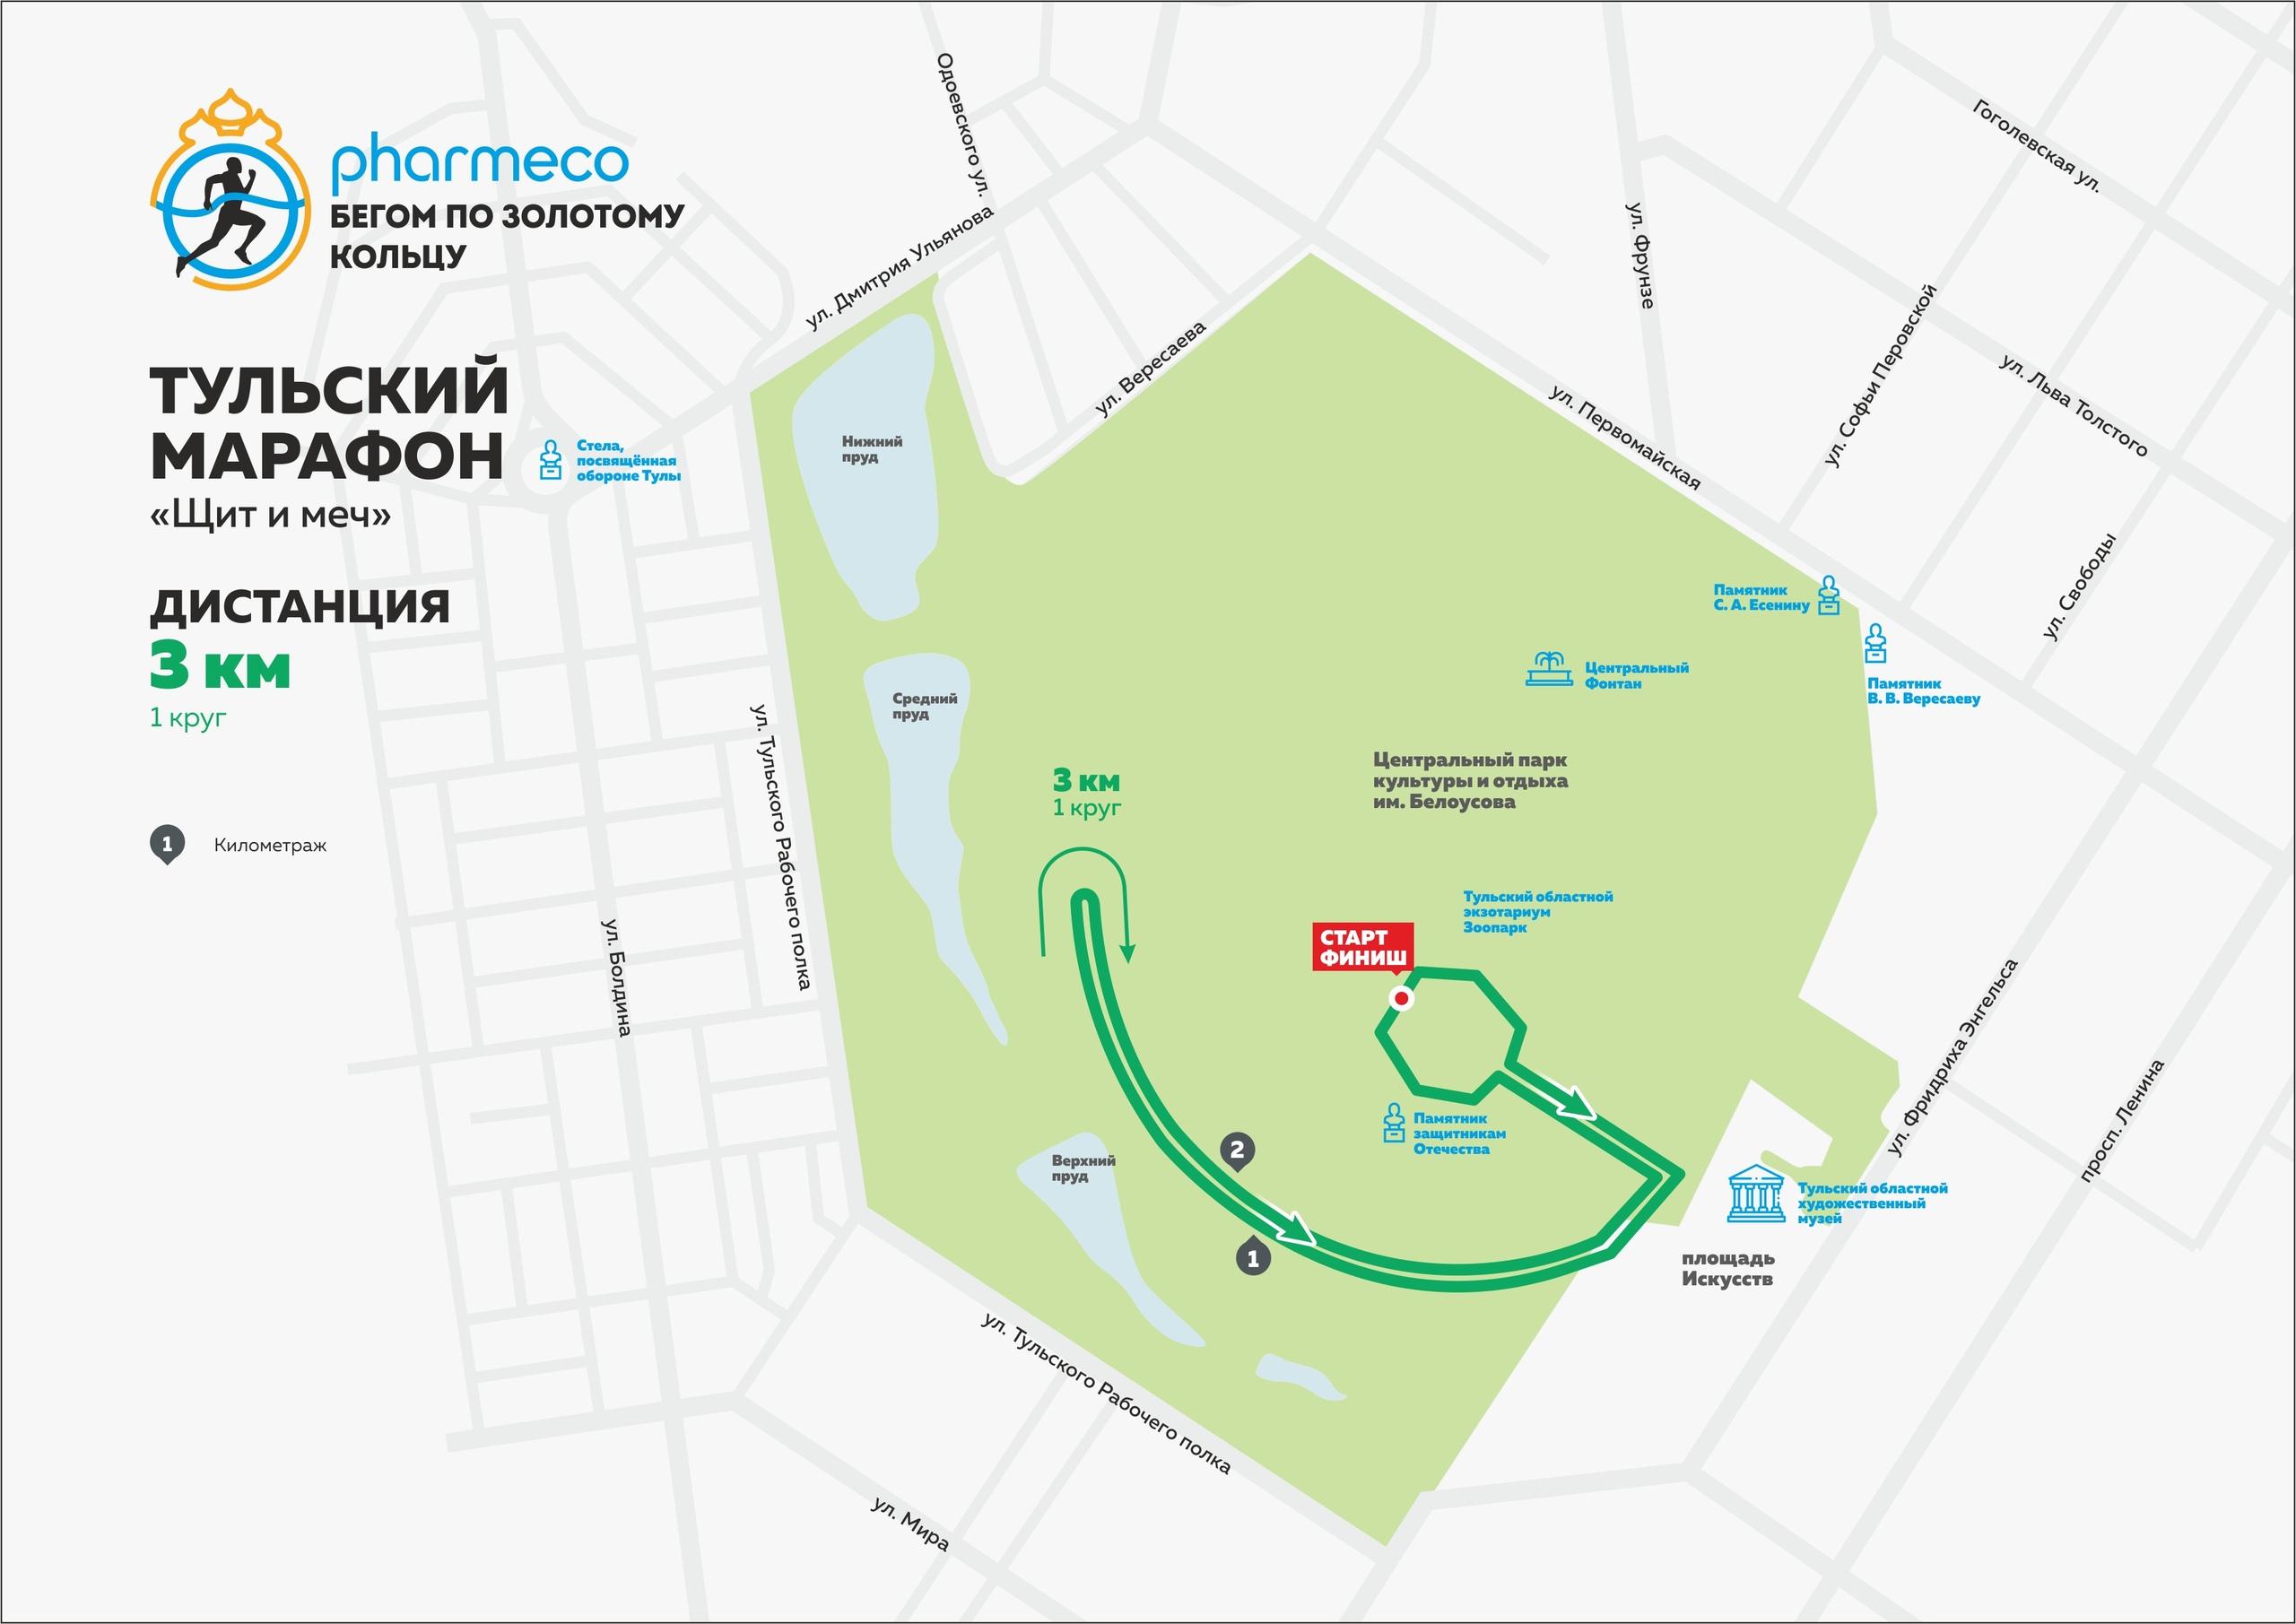 Дистанция 3 км Тульского марафона